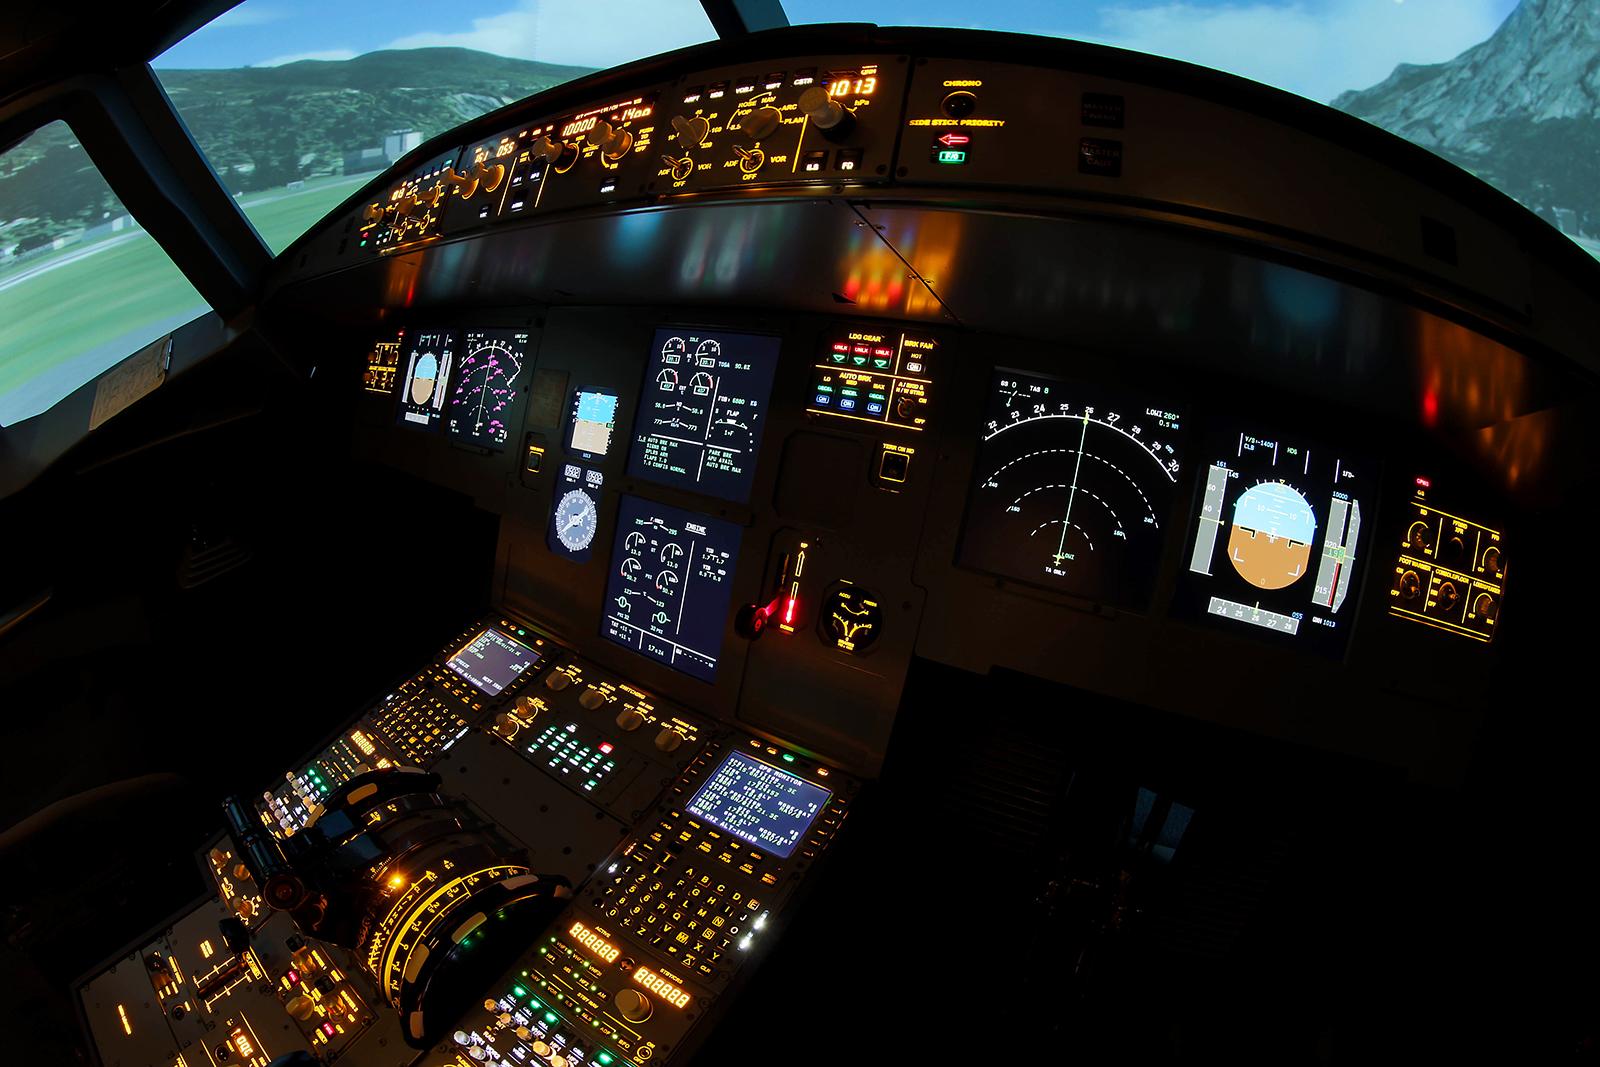 Az Airbus-szimulátor pilótafülkéje is teljesen egyezik az igaziéval. | © AIRportal.hu